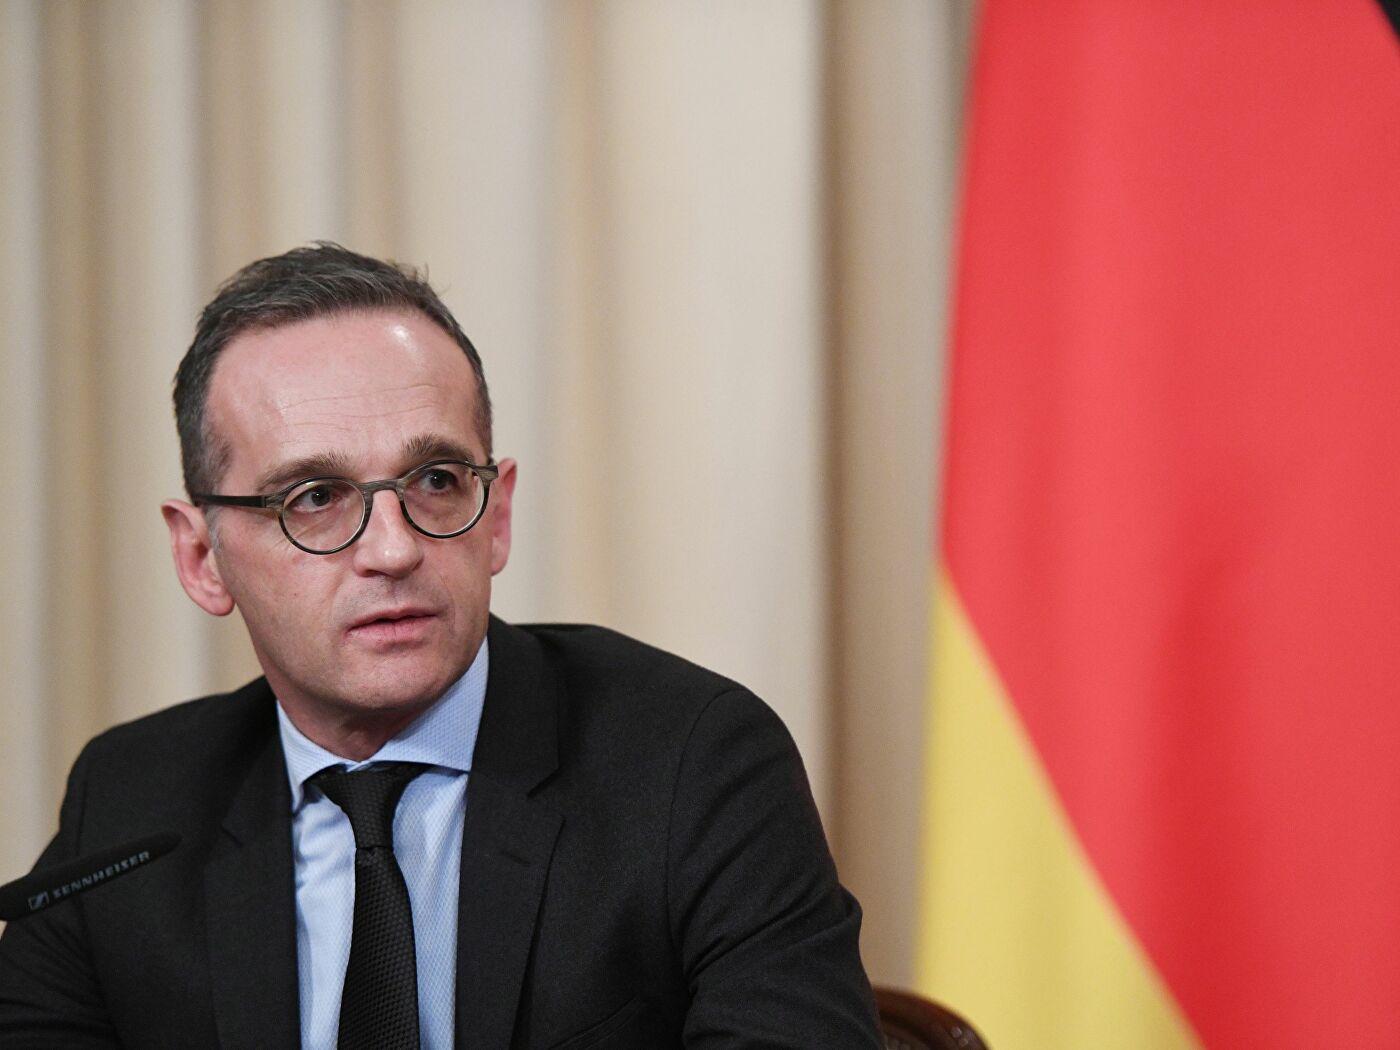 Мас: Односи Немачке и Русије су и сувише важни да би били препуштени судбини